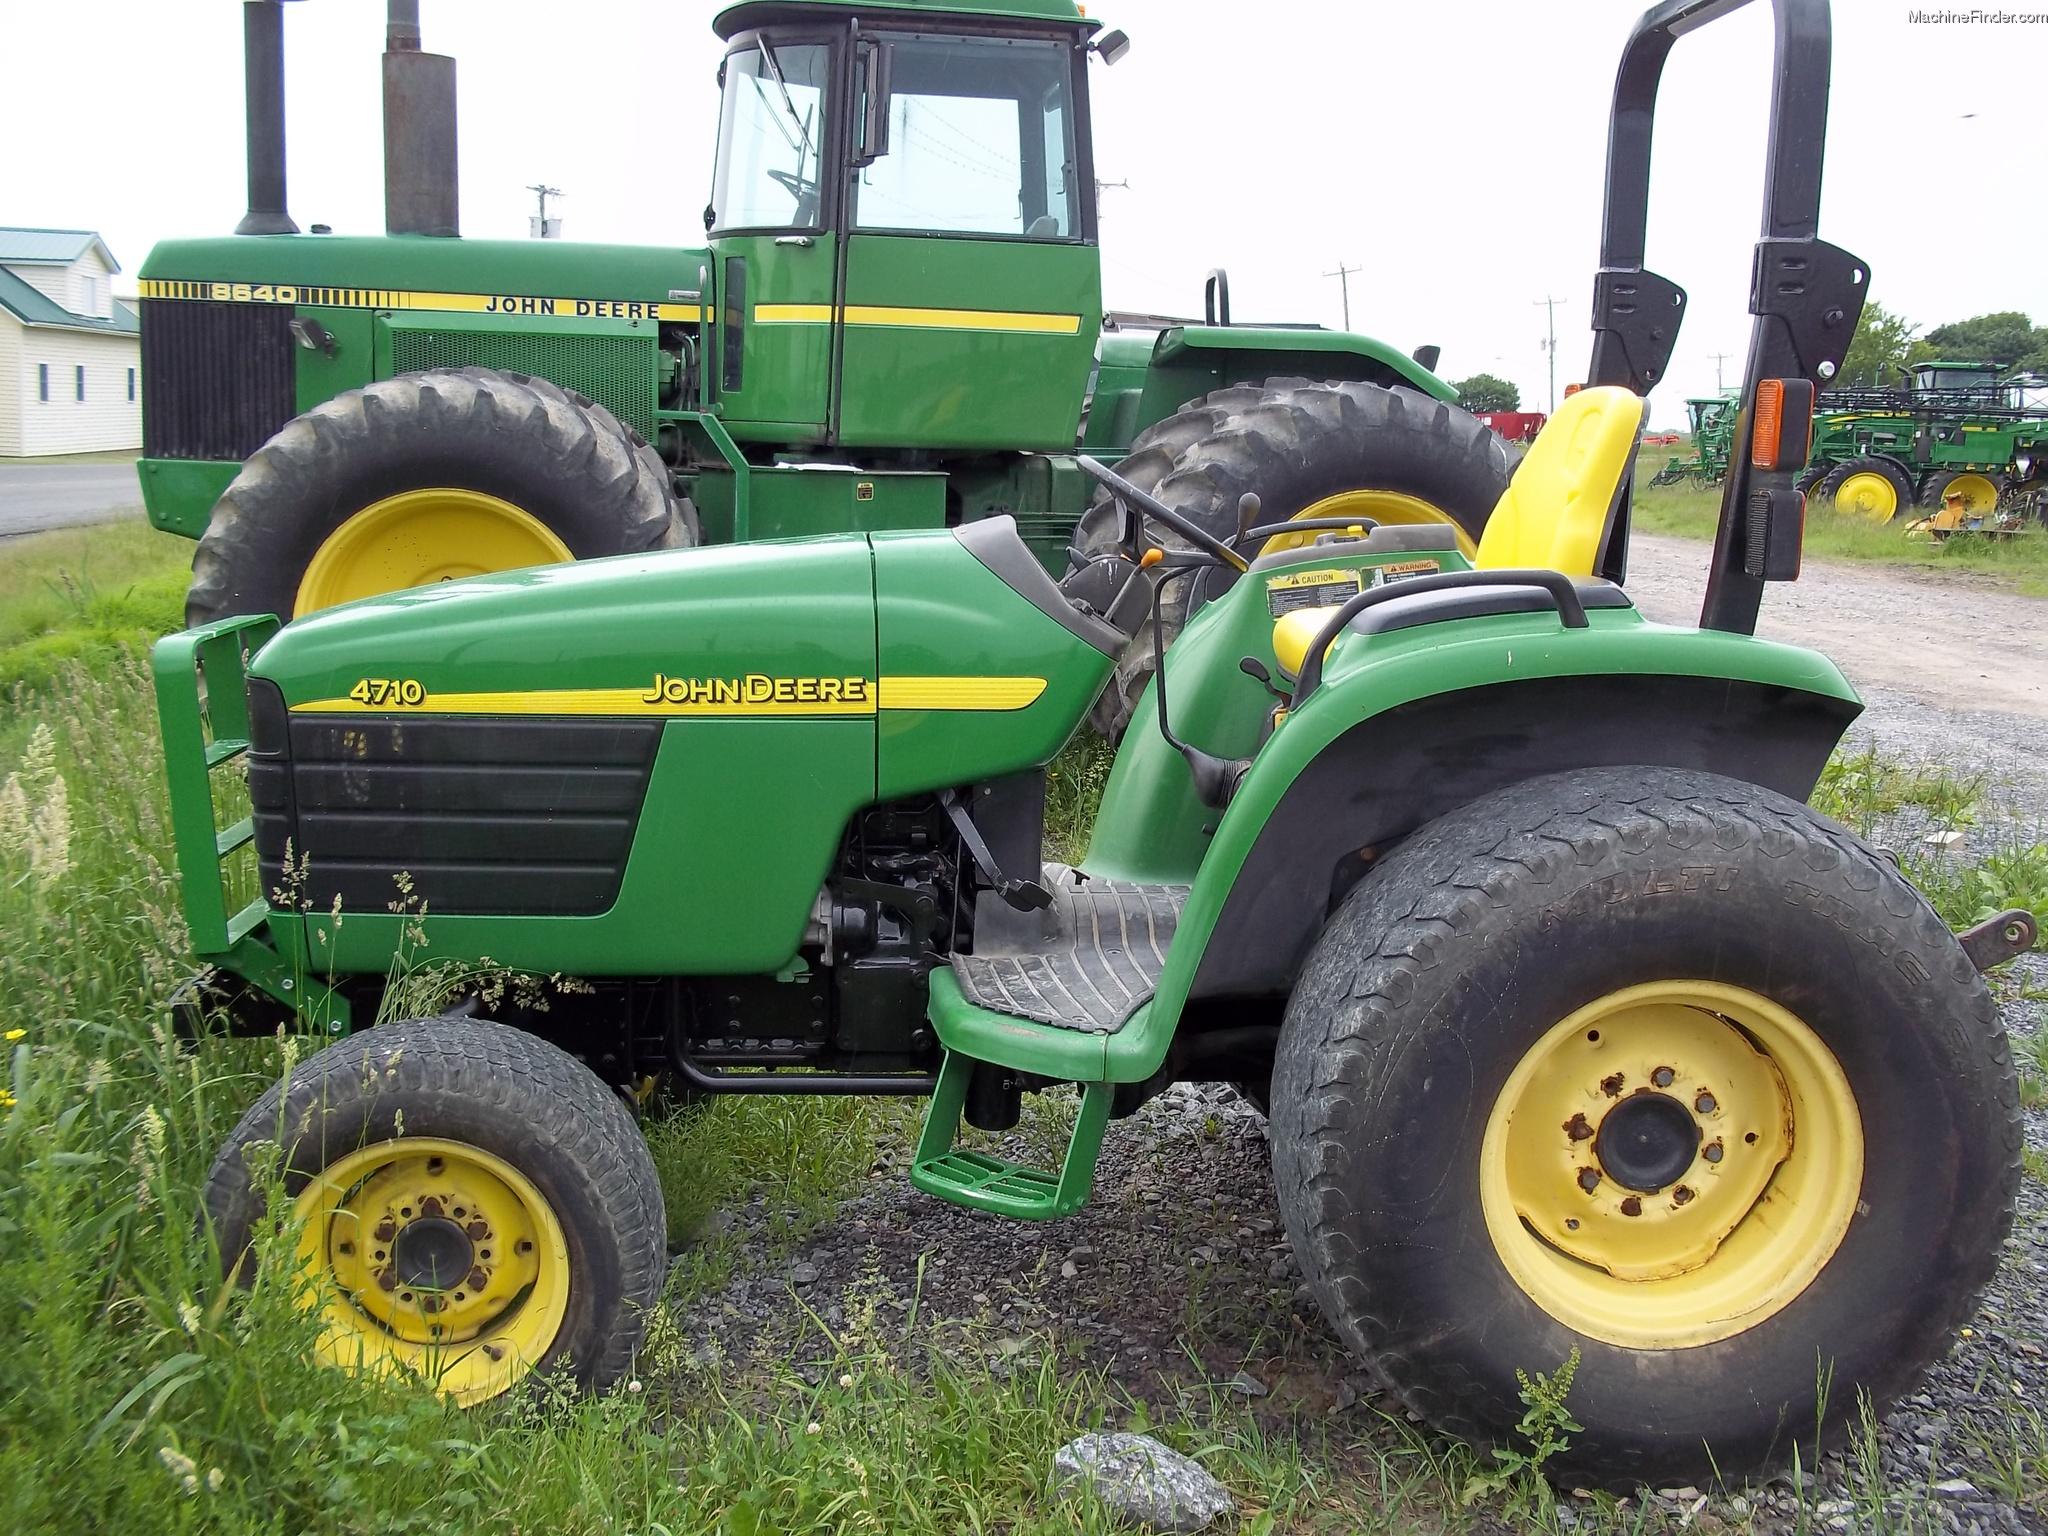 John Deere 4710 Compact Tractor : John deere tractors compact hp